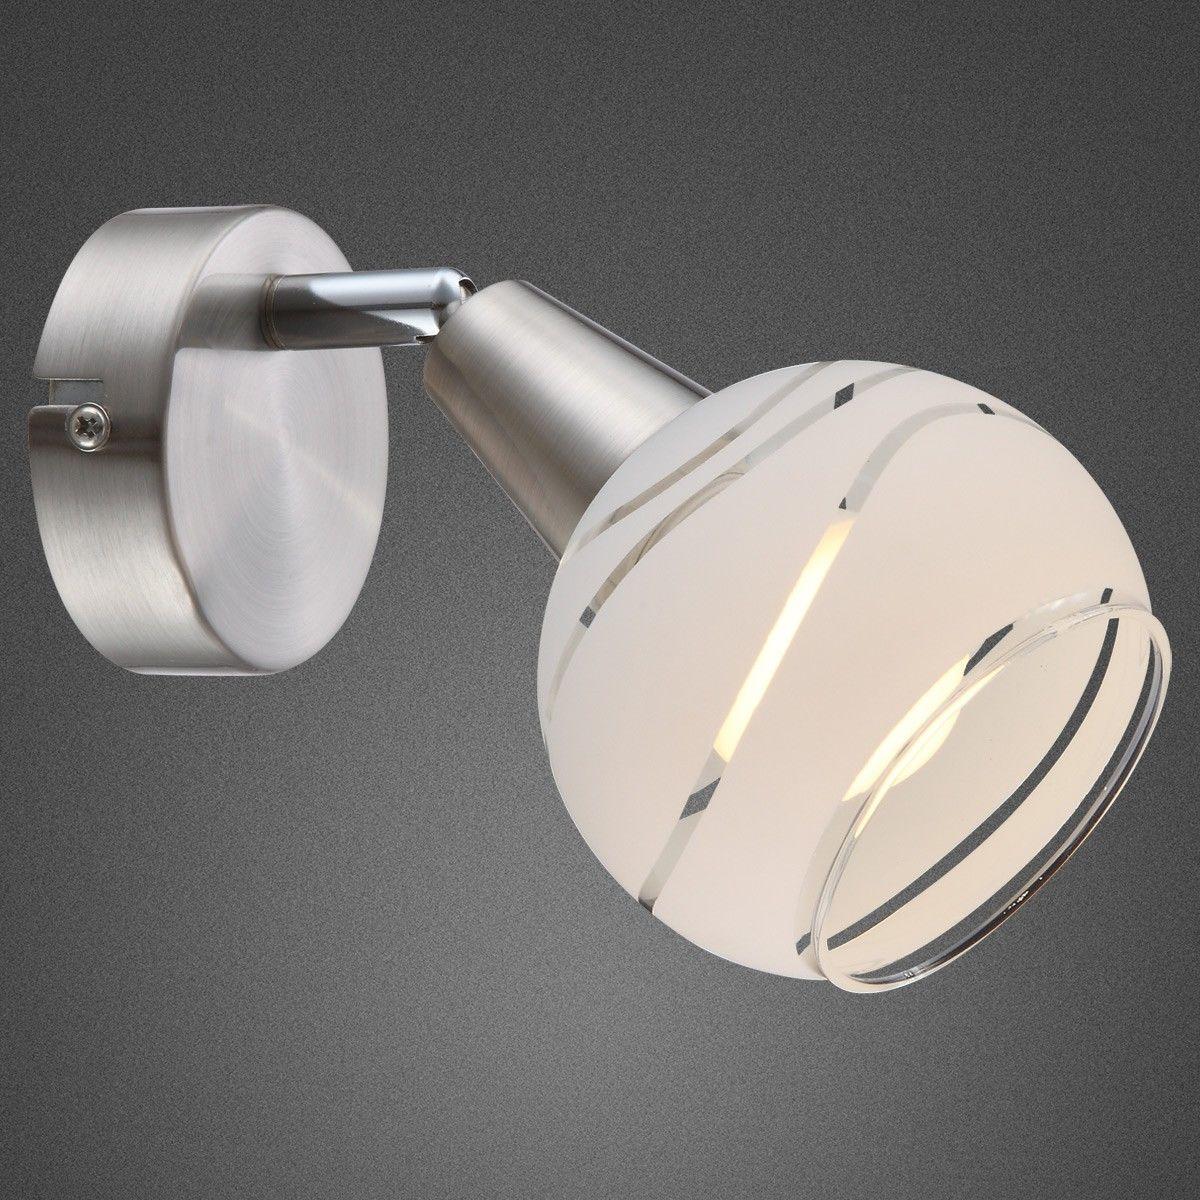 Globo kinkiet lampa ścienna Elliott 54341-1 nikiel mat LED 5W 3000K